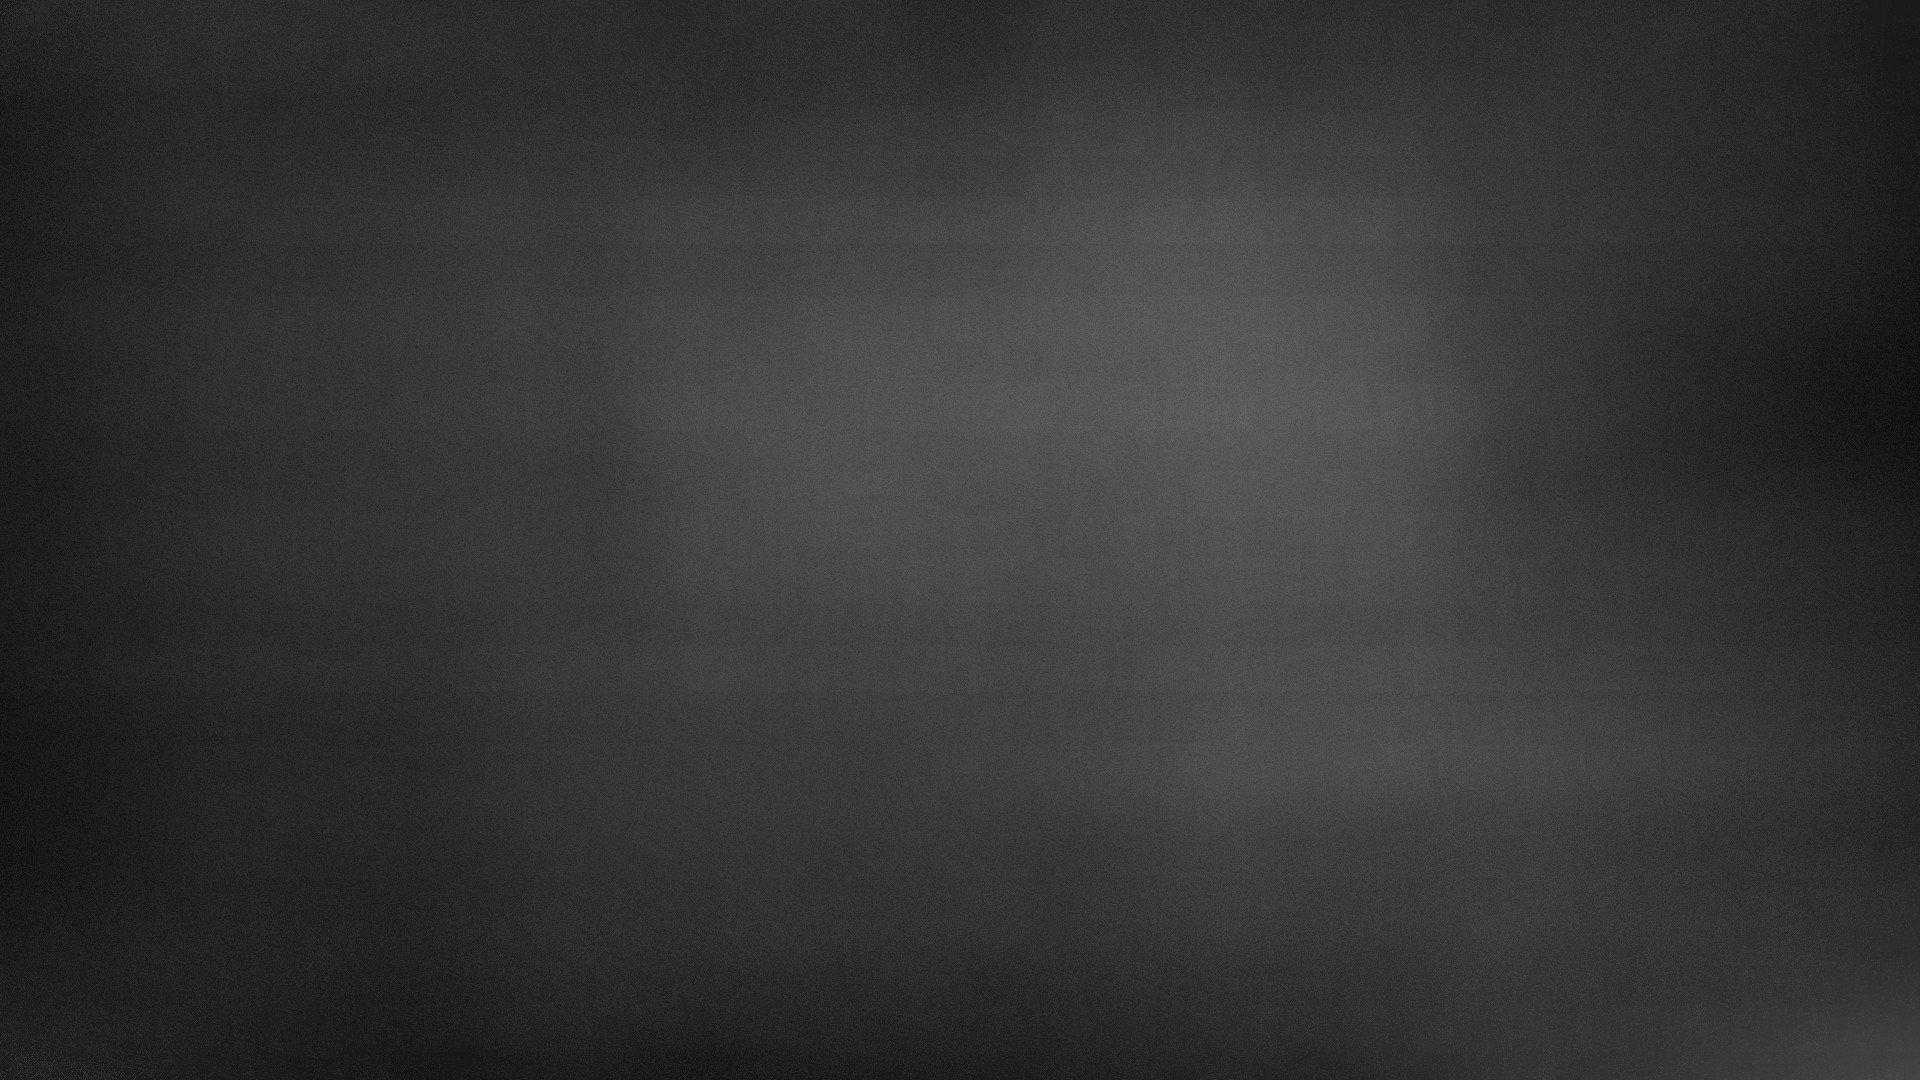 Black minimalistic dark pattern wall textures silver wallpaper 1920x1080 241072 WallpaperUP